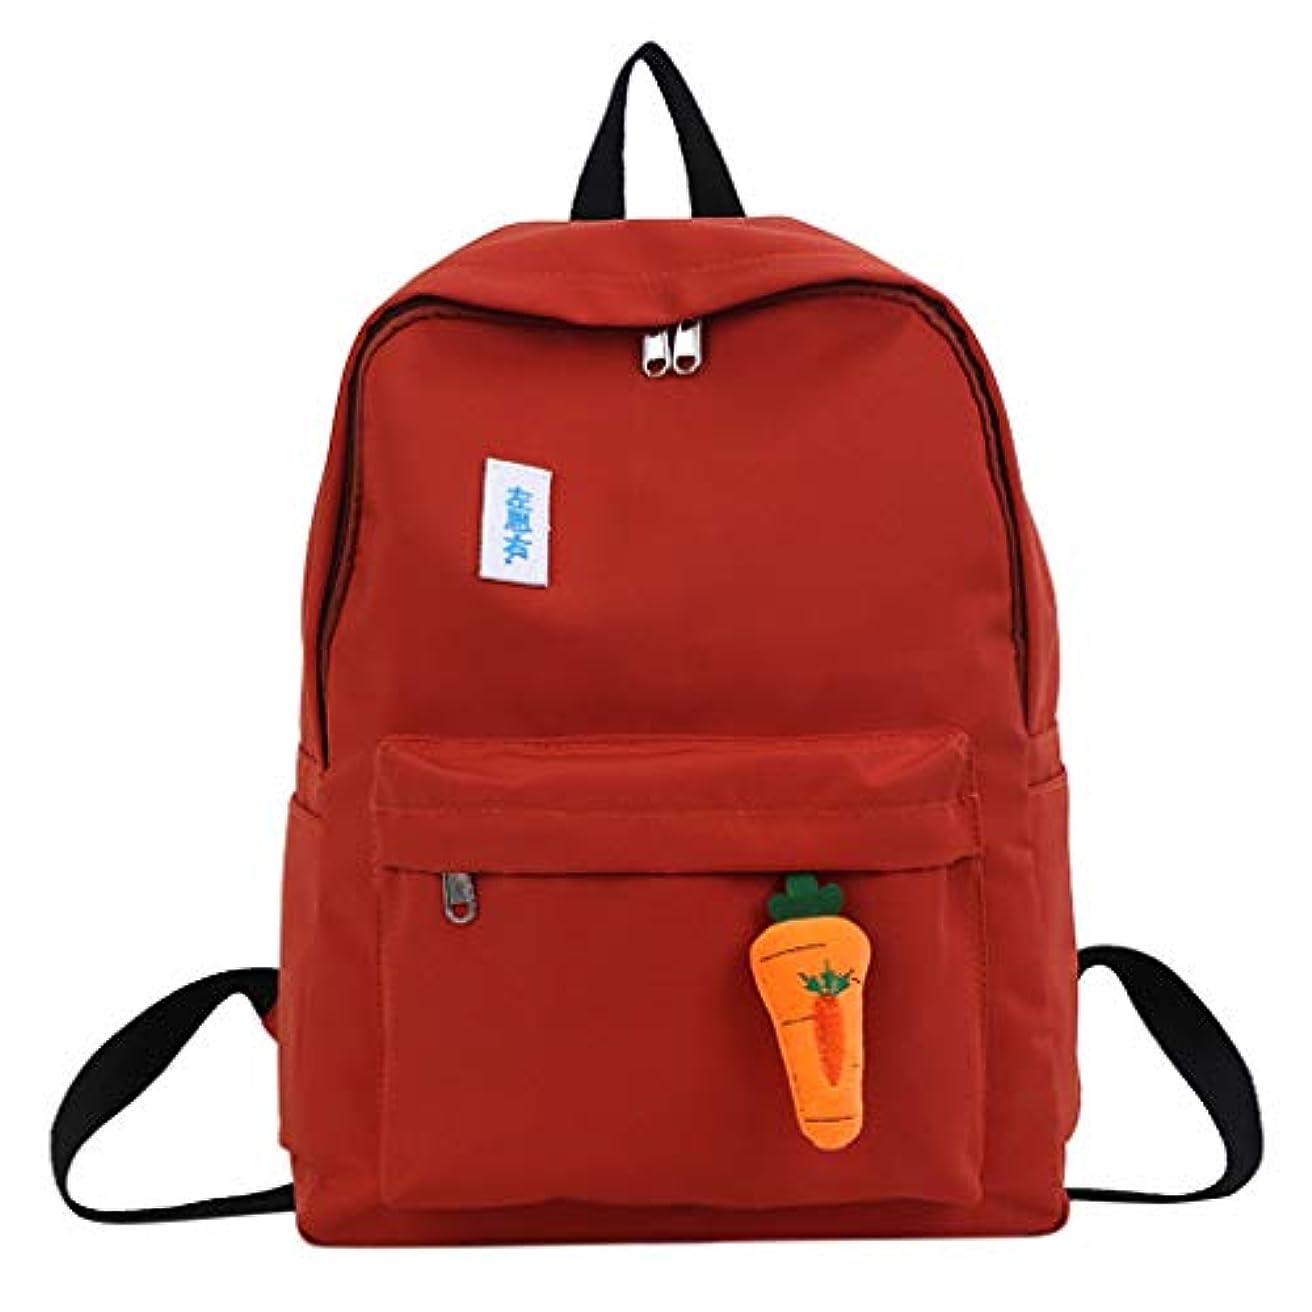 適度な船形パラメータ女子学生カジュアルファッションシンプルなバックパック軽量キャンバスバックパックガールズ屋外大容量かわいいヴィンテージバッグ